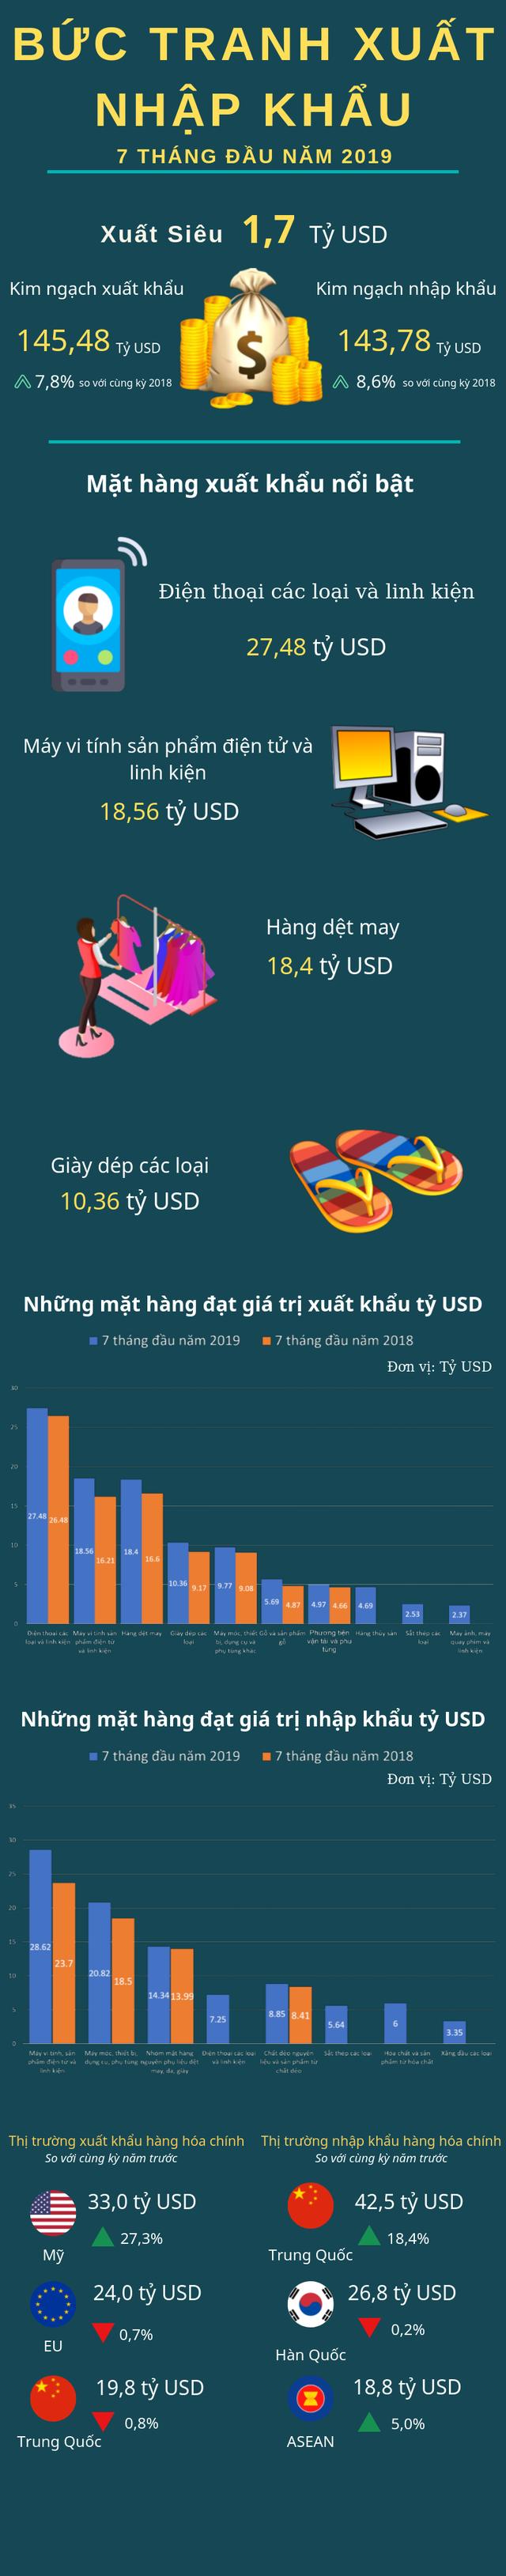 Điểm danh những mặt hàng mang về hàng chục tỷ USD trong 7 tháng đầu năm 2019 - Ảnh 1.